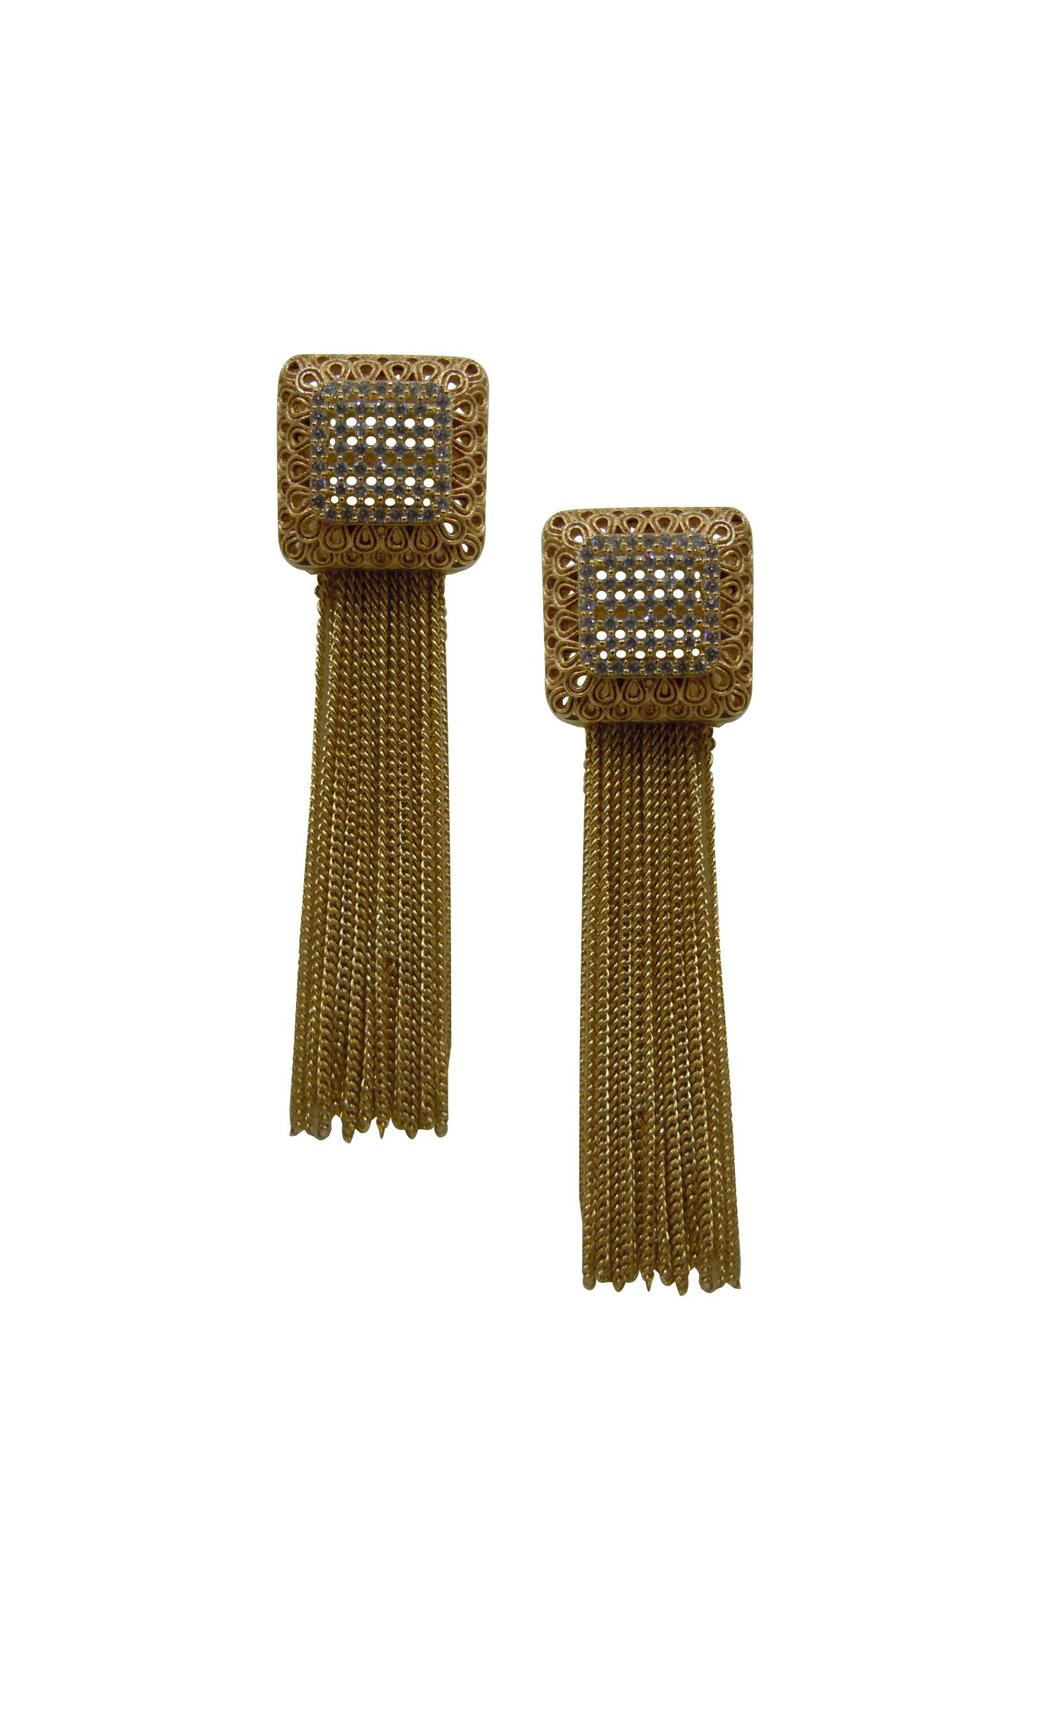 Celeste Tassel Earrings- Shop Online